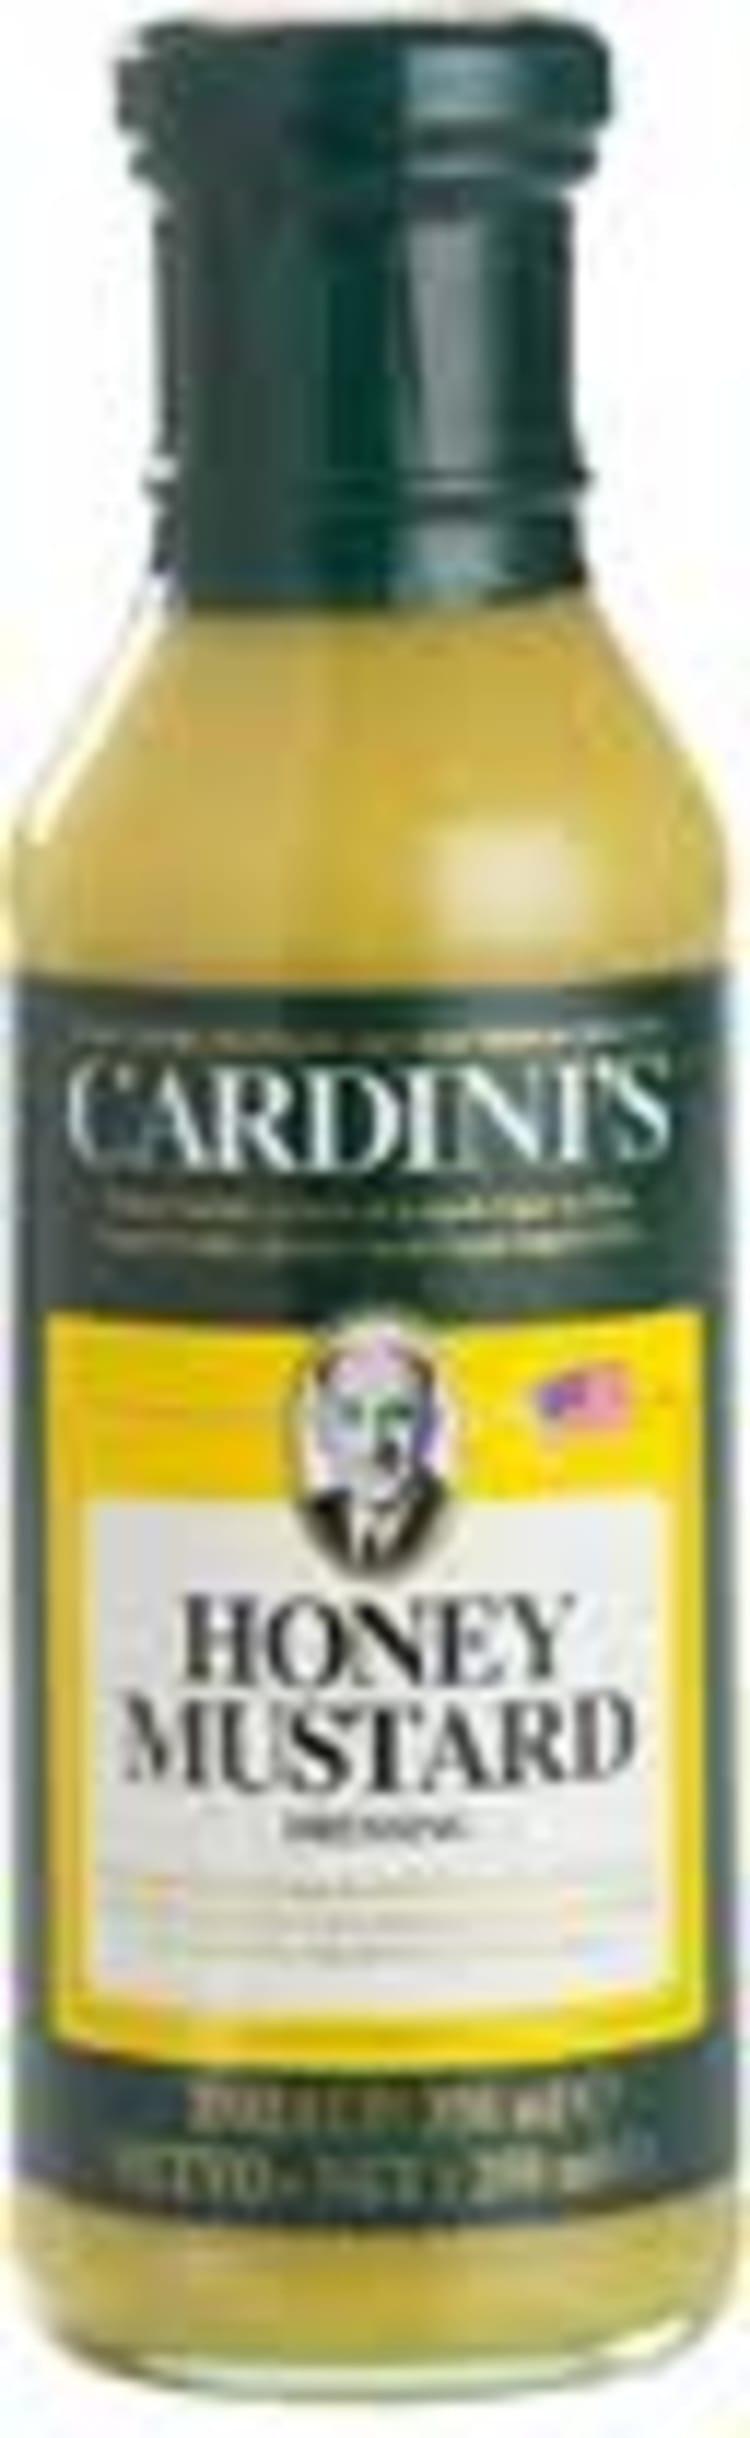 Versgrossier van Oosterom - Cardini's honing mosterd dressing